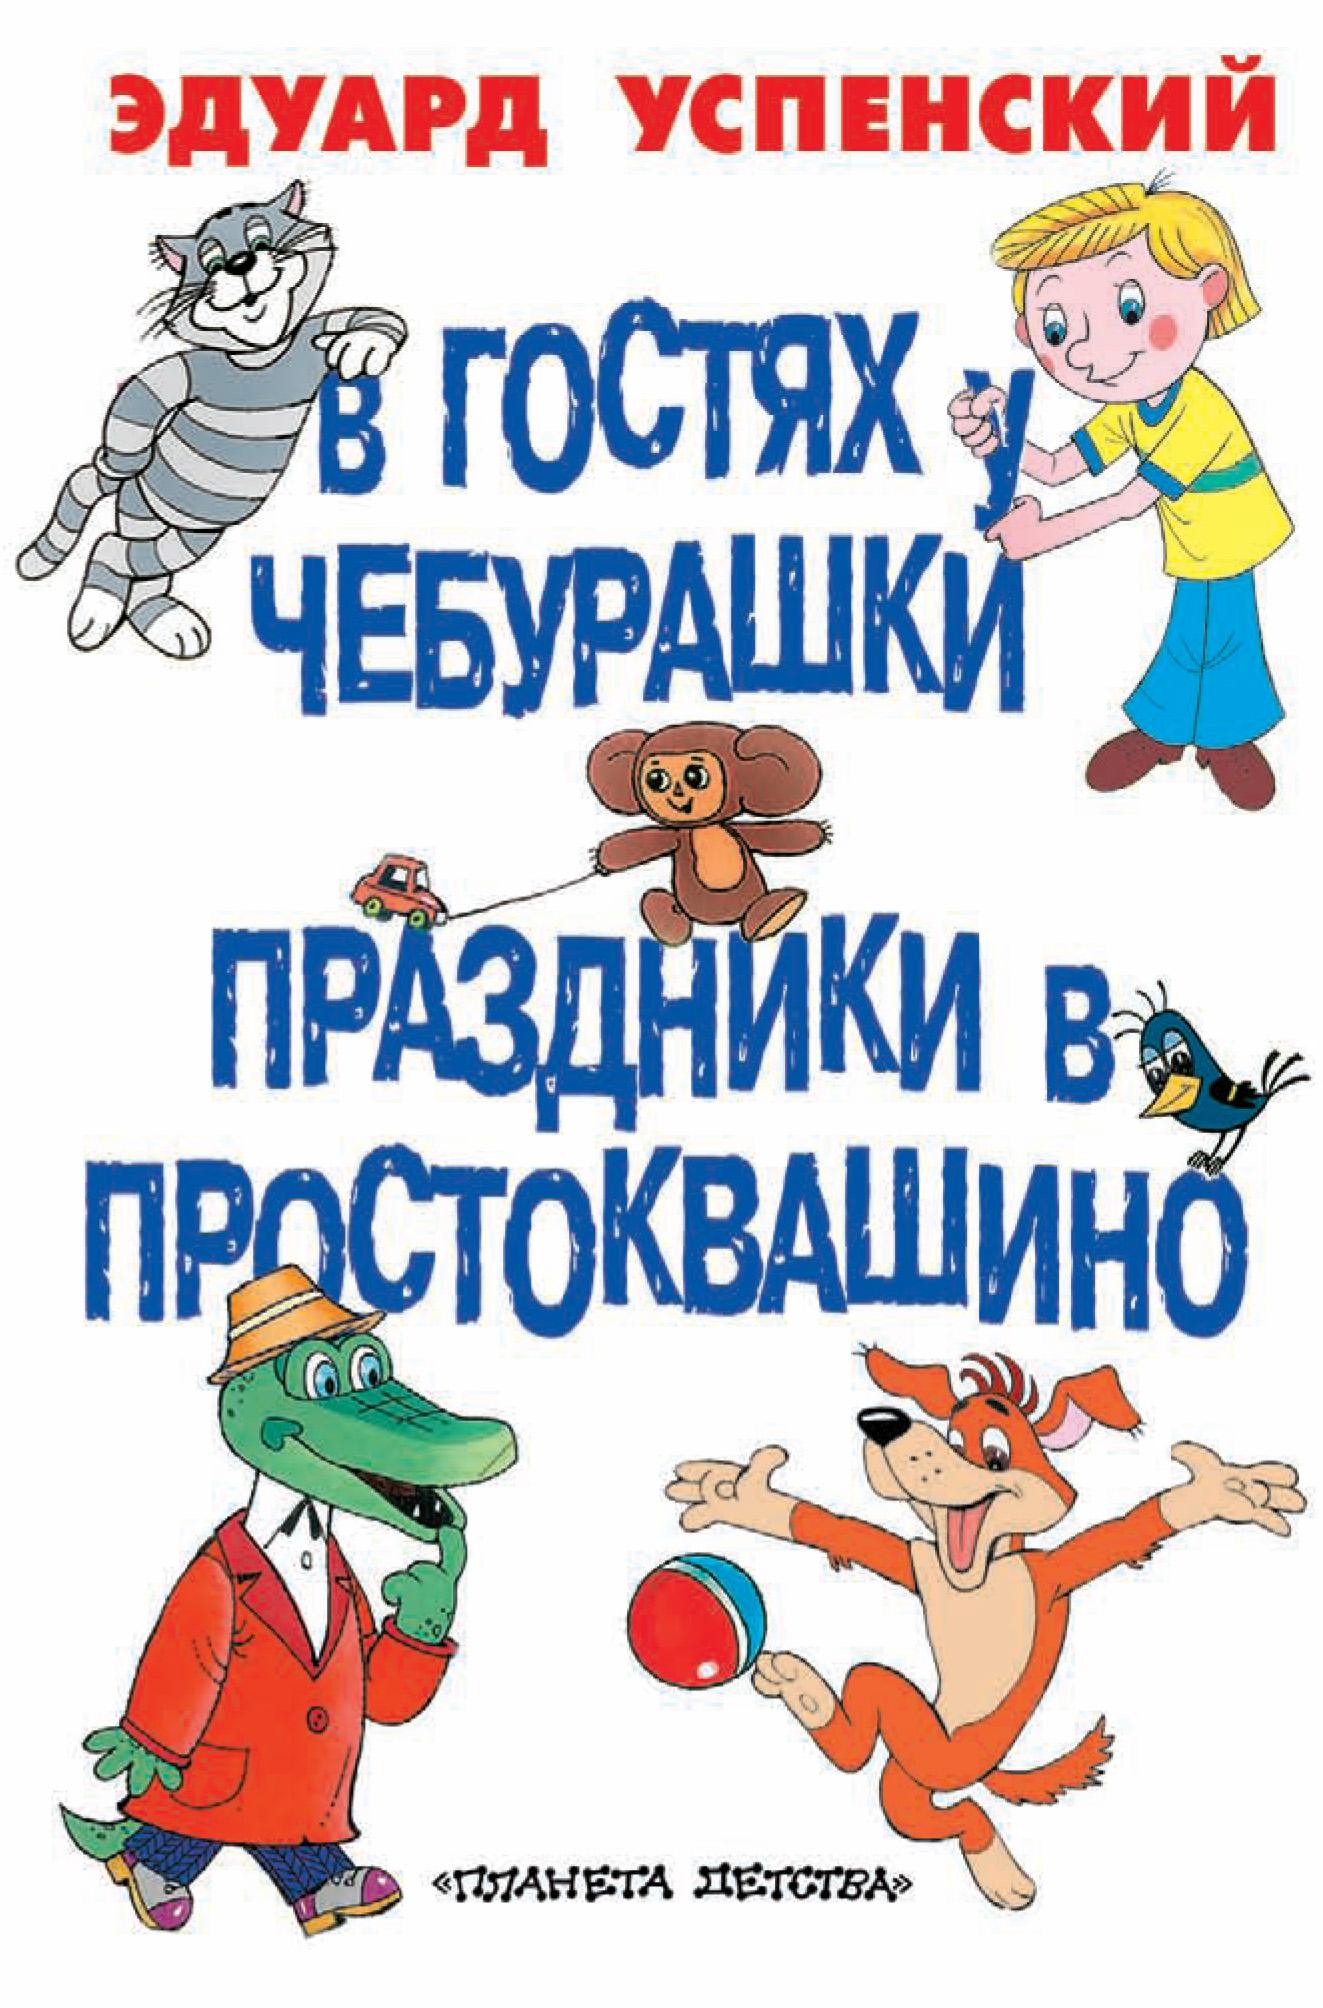 В гостях у Чебурашки. Праздники в Простоквашино (сборник) ( Эдуард Успенский  )